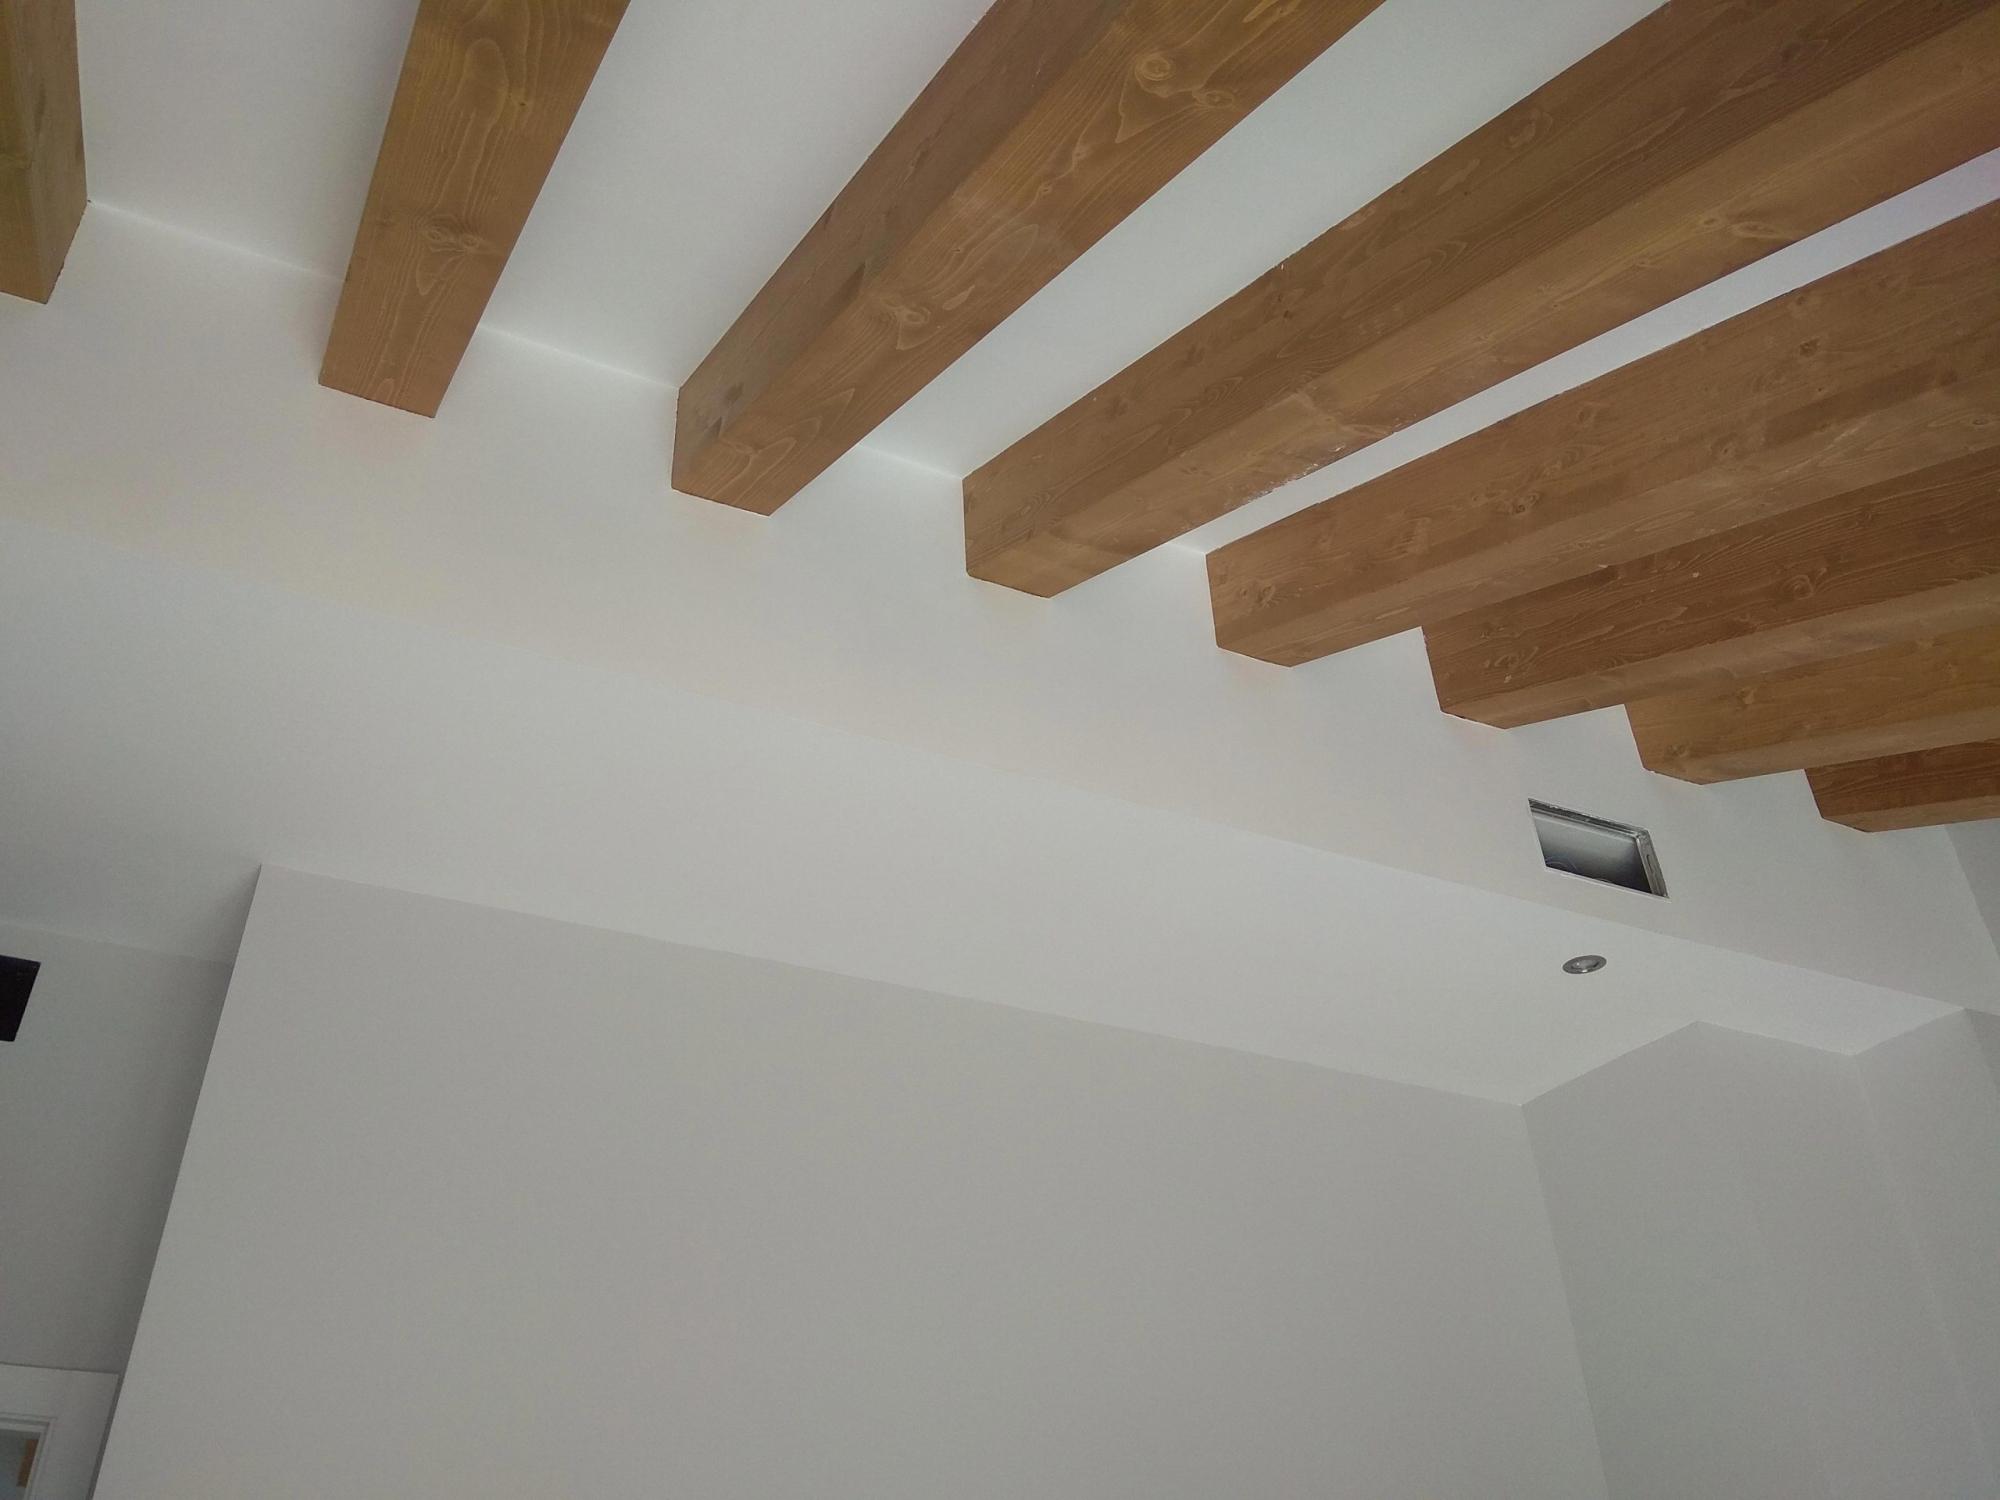 Detalles viguetas de madera ático de Labradores 24, Alicante